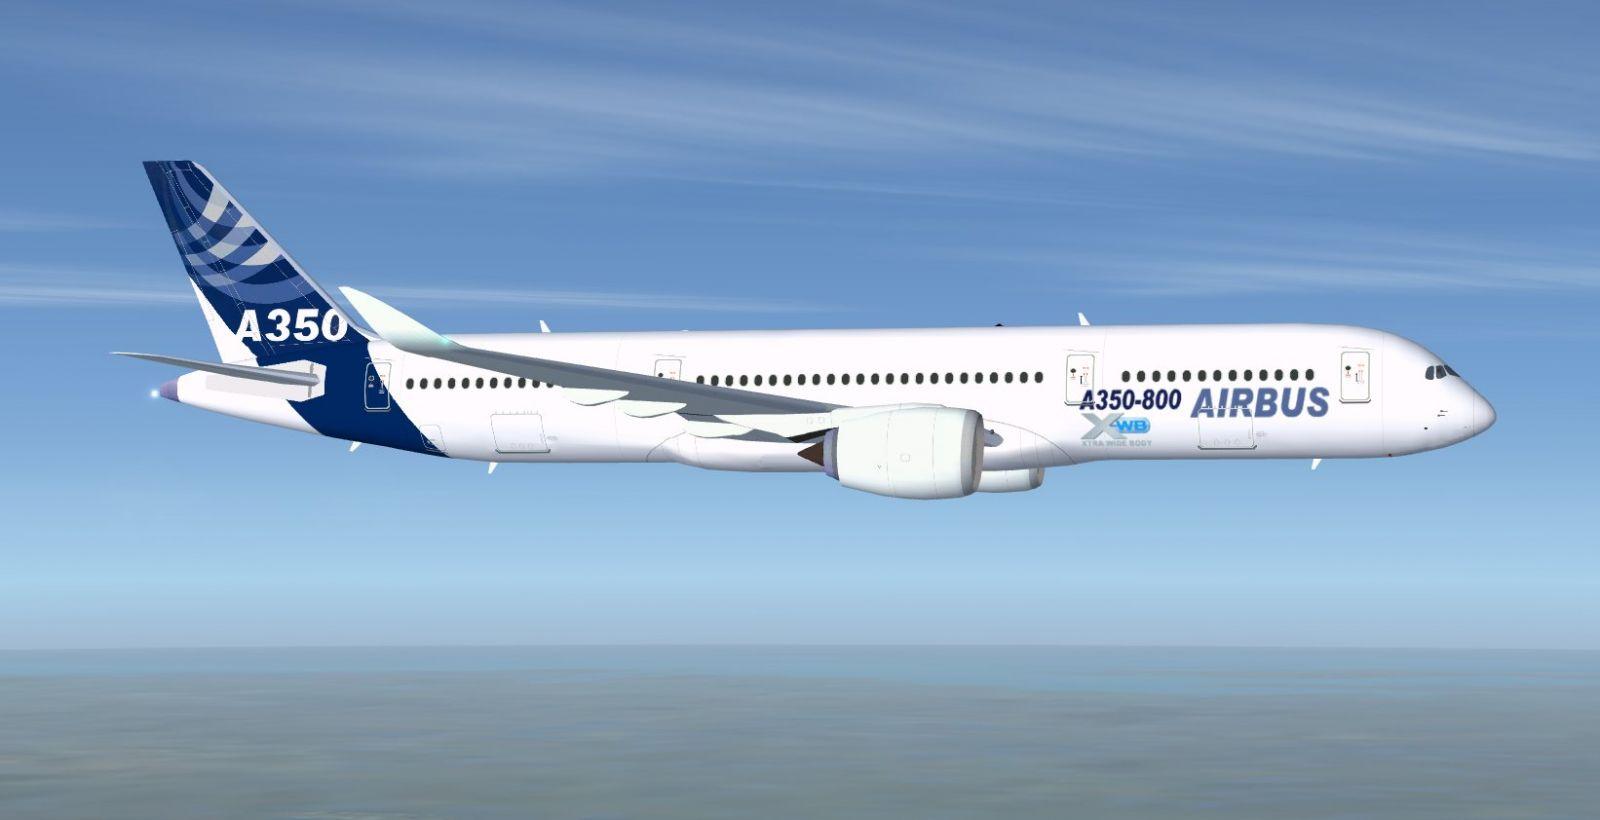 nouveau contrat de 9 milliards pour airbus